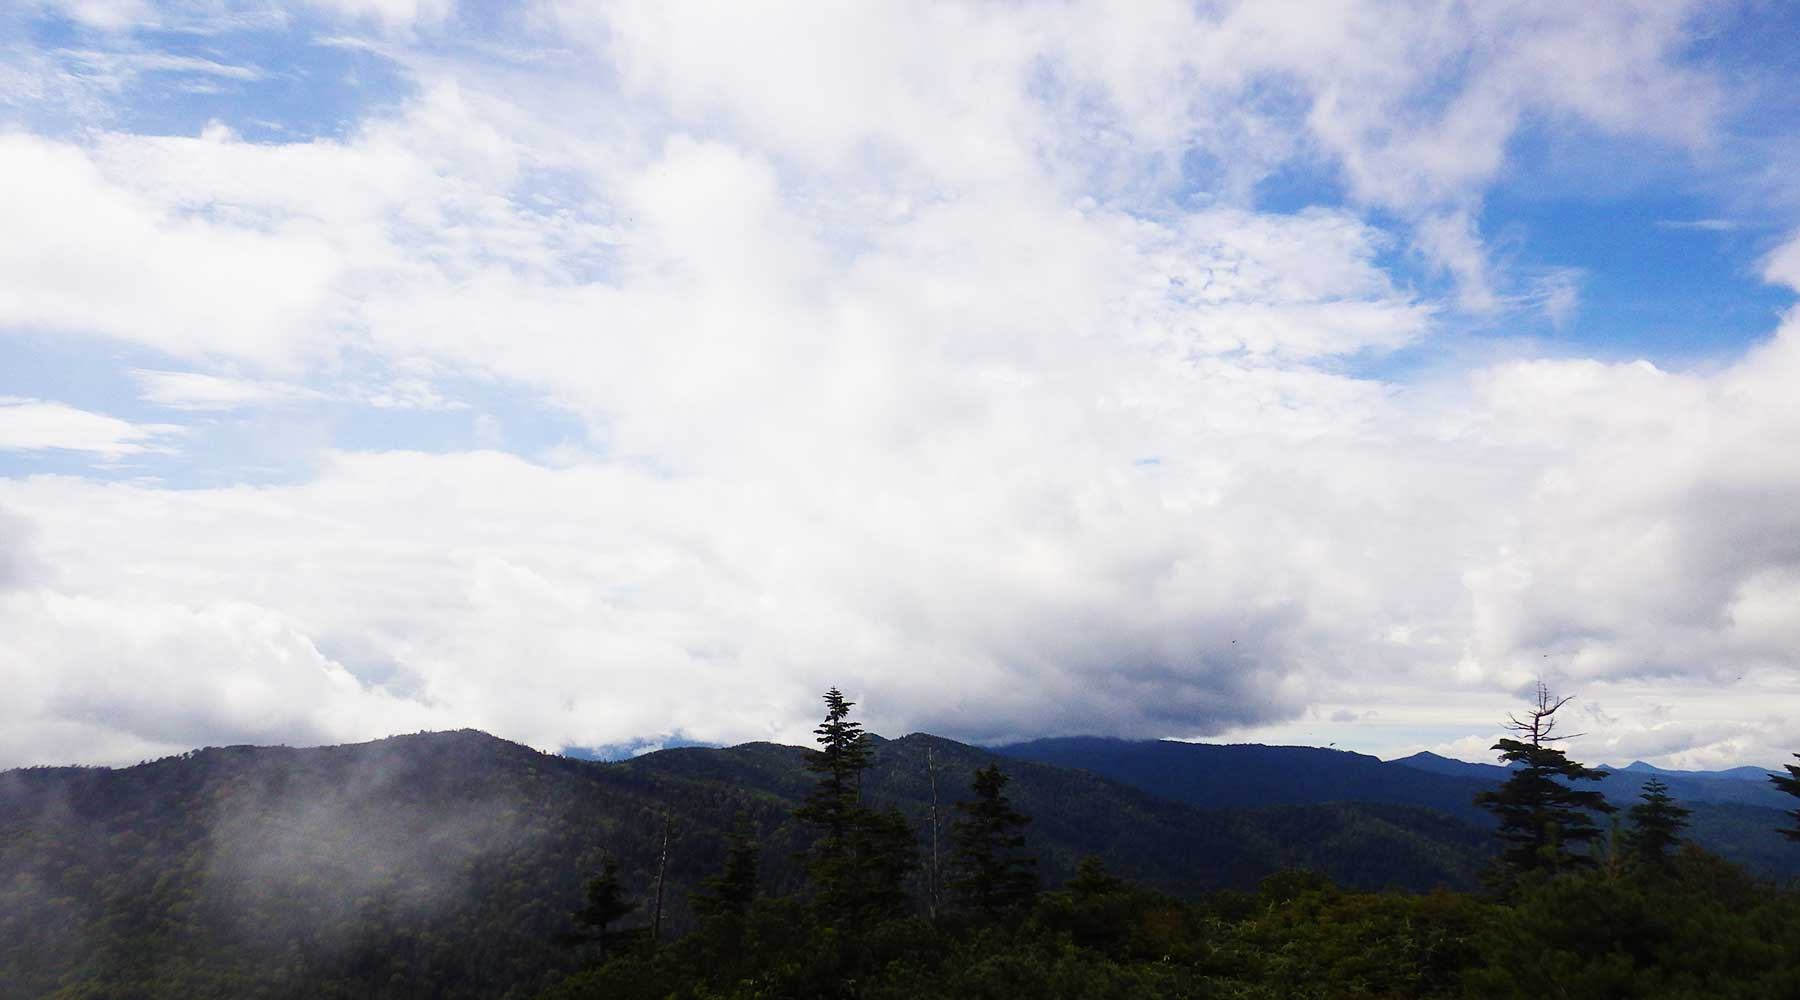 帝釈山に近づく乱層雲